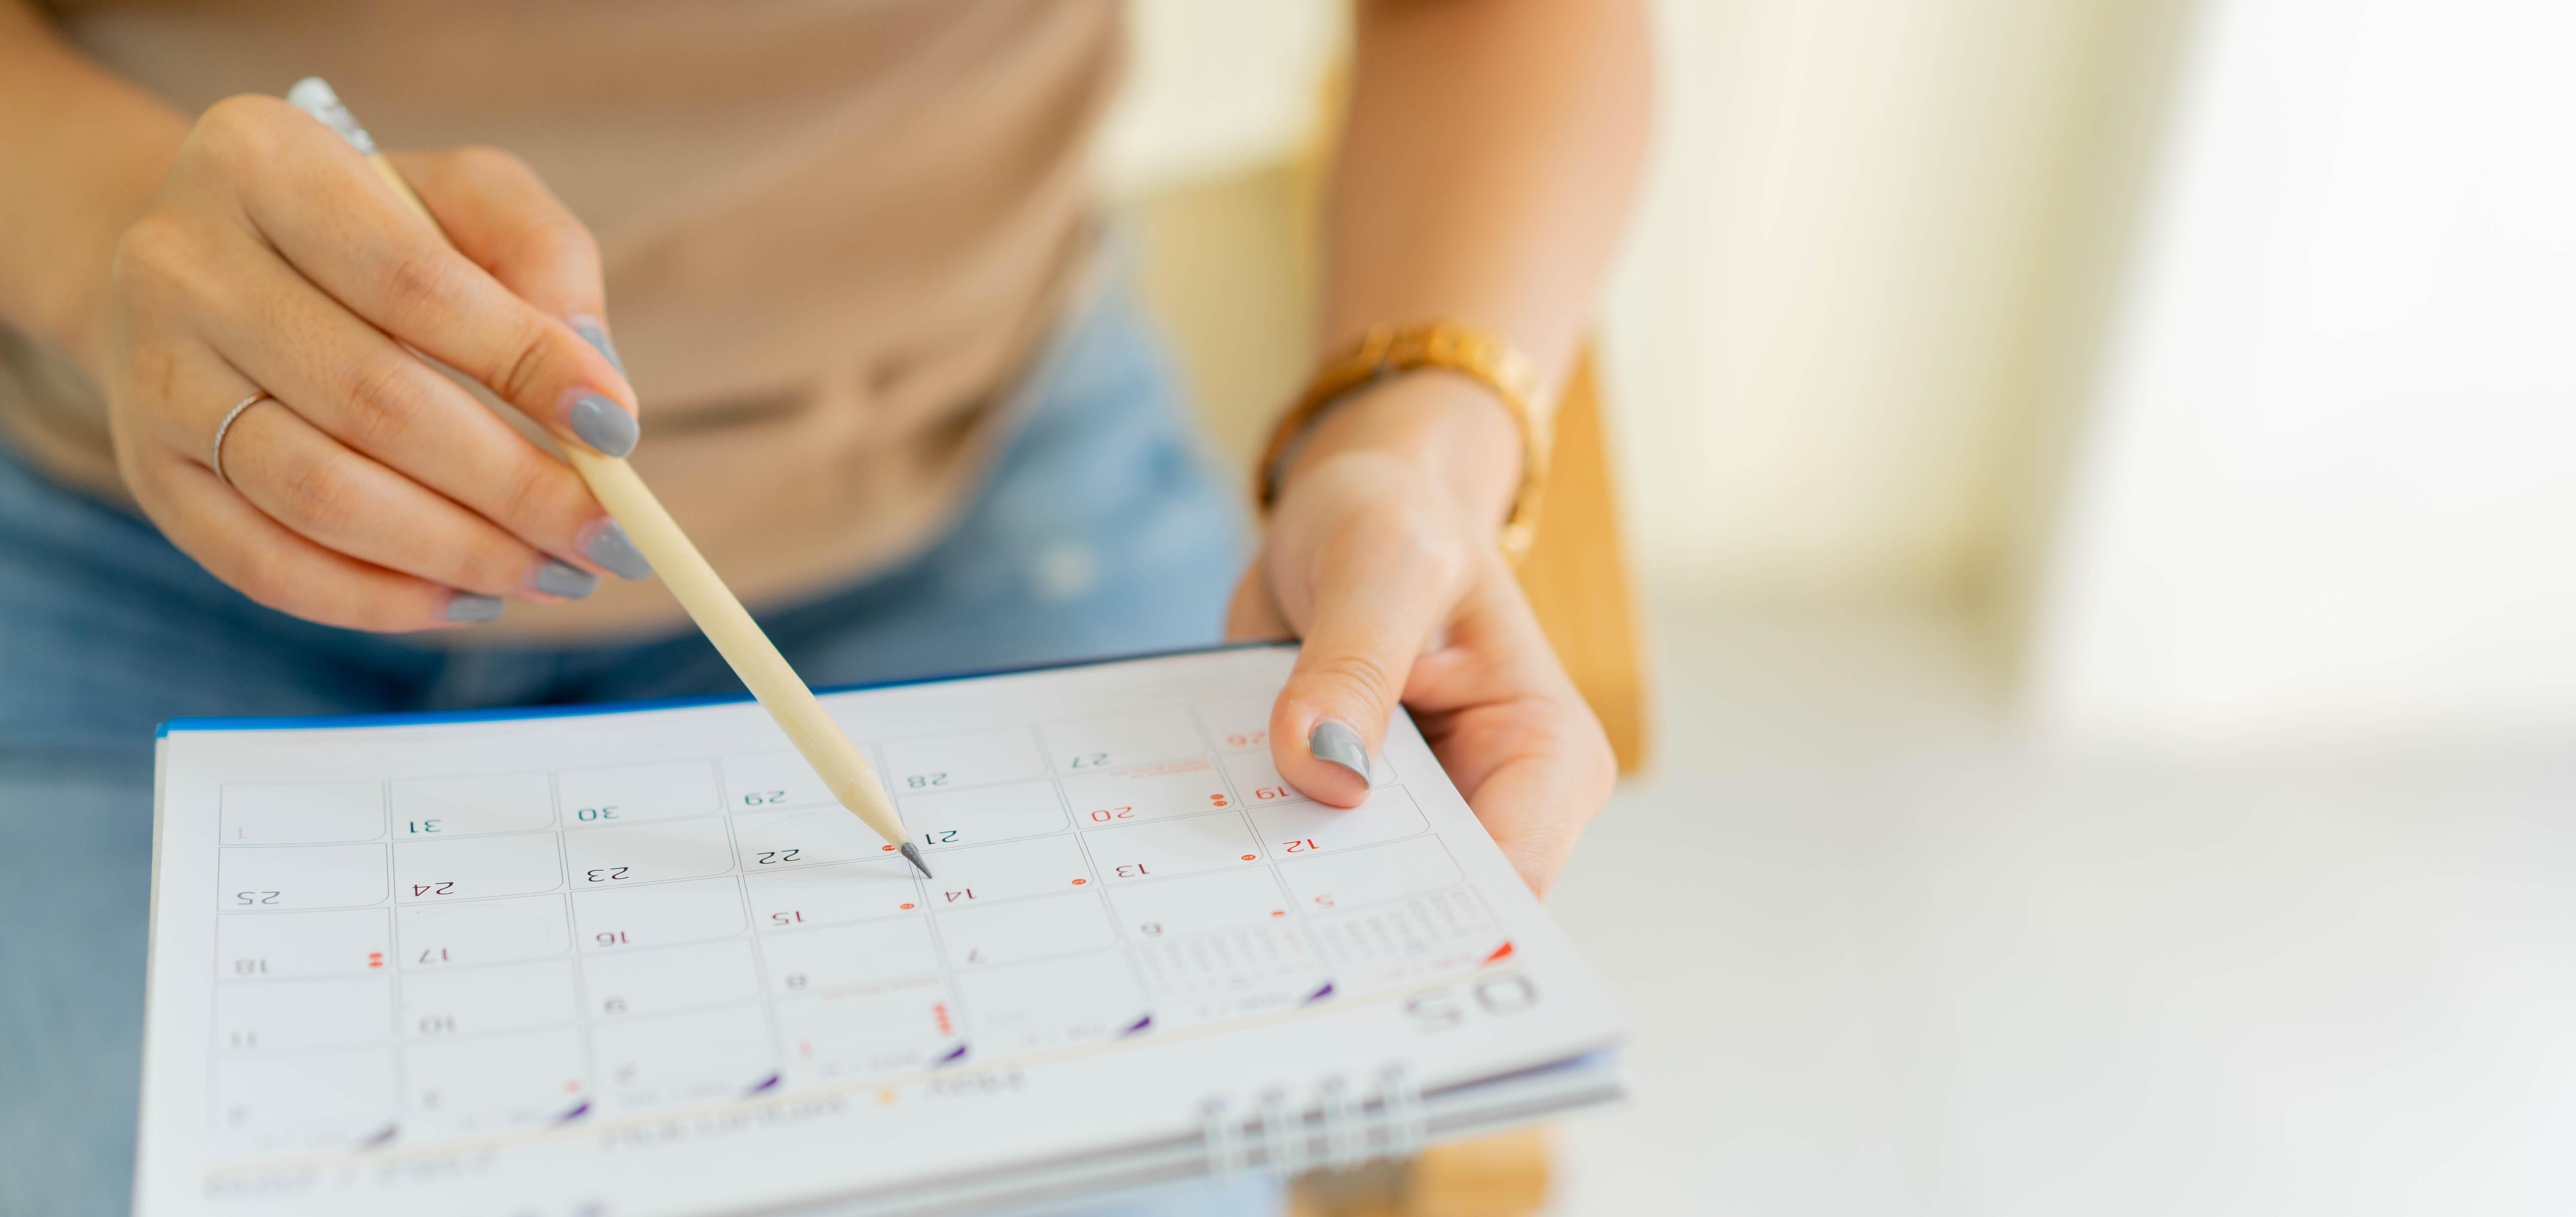 Matéria MBD - Dicas para cartão de crédito - Mão de mulher usando caneta para escrever no calendário - palavras-chave:Calendário, Agenda pessoal, Organização, Controle